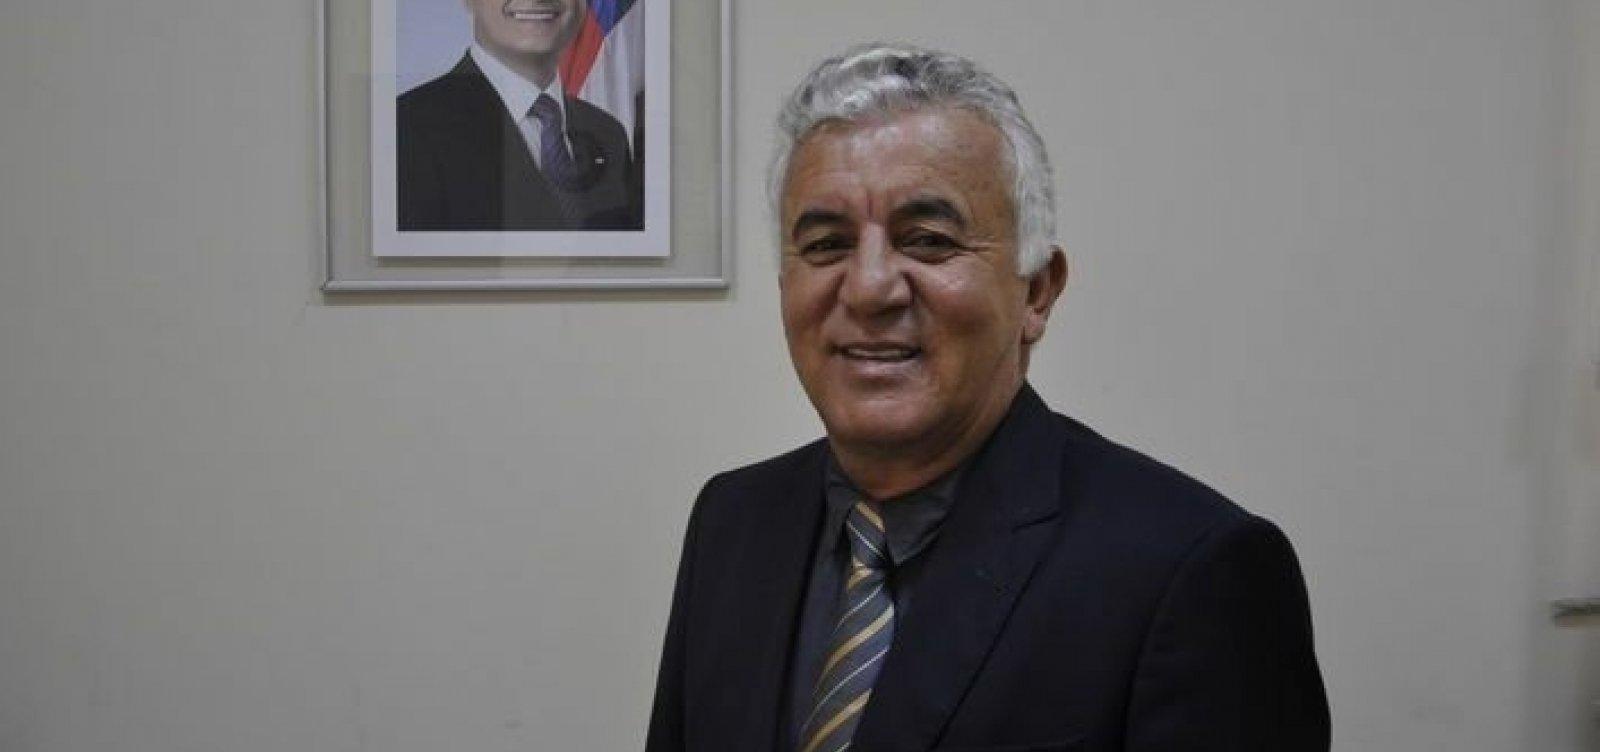 [TCM pune ex-prefeito de Alagoinhas por irregularidades em repasse de recursos]